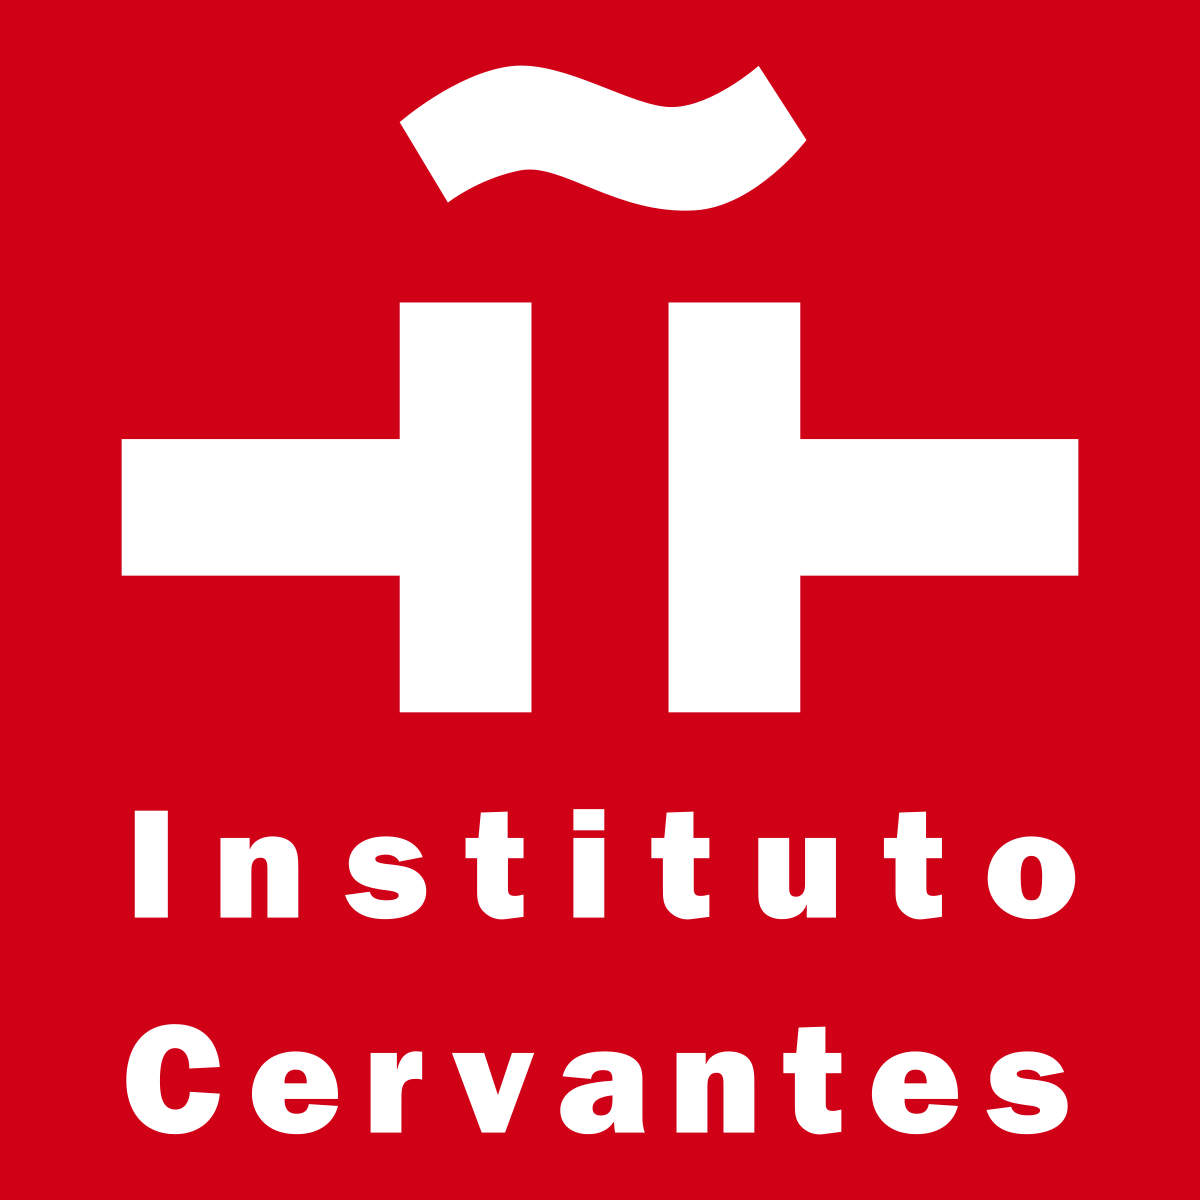 El Instituto Cervantes ha convocado 8 becas de formación. La convocatoria ha sido publicada en el BOE núm. 98 de 25 de abril de 2017. La finalidad de las becas es formar especialistas en diferentes áreas del Instituto Cervantes. La beca del área de Cultura se orienta hacia titulados/as del Grado en Información y Documentación.